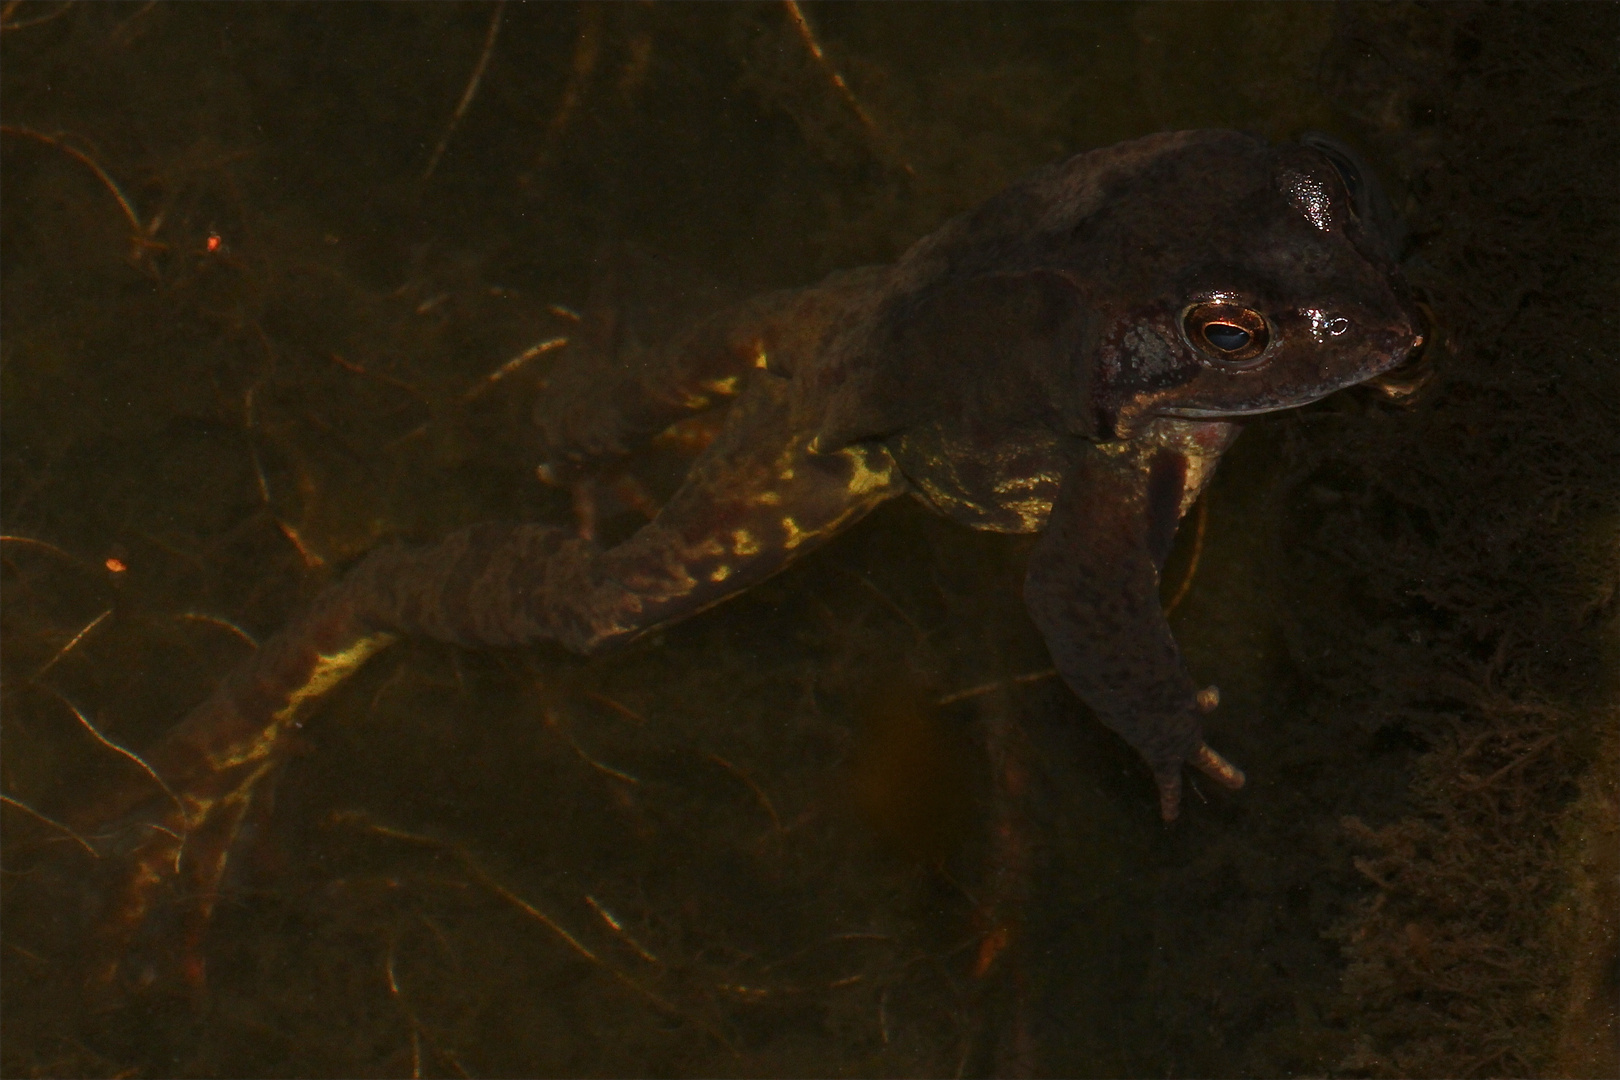 Ich glaube, man sieht bei diesem Grasfrosch schon die beginnende Paarungsfärbung . . .